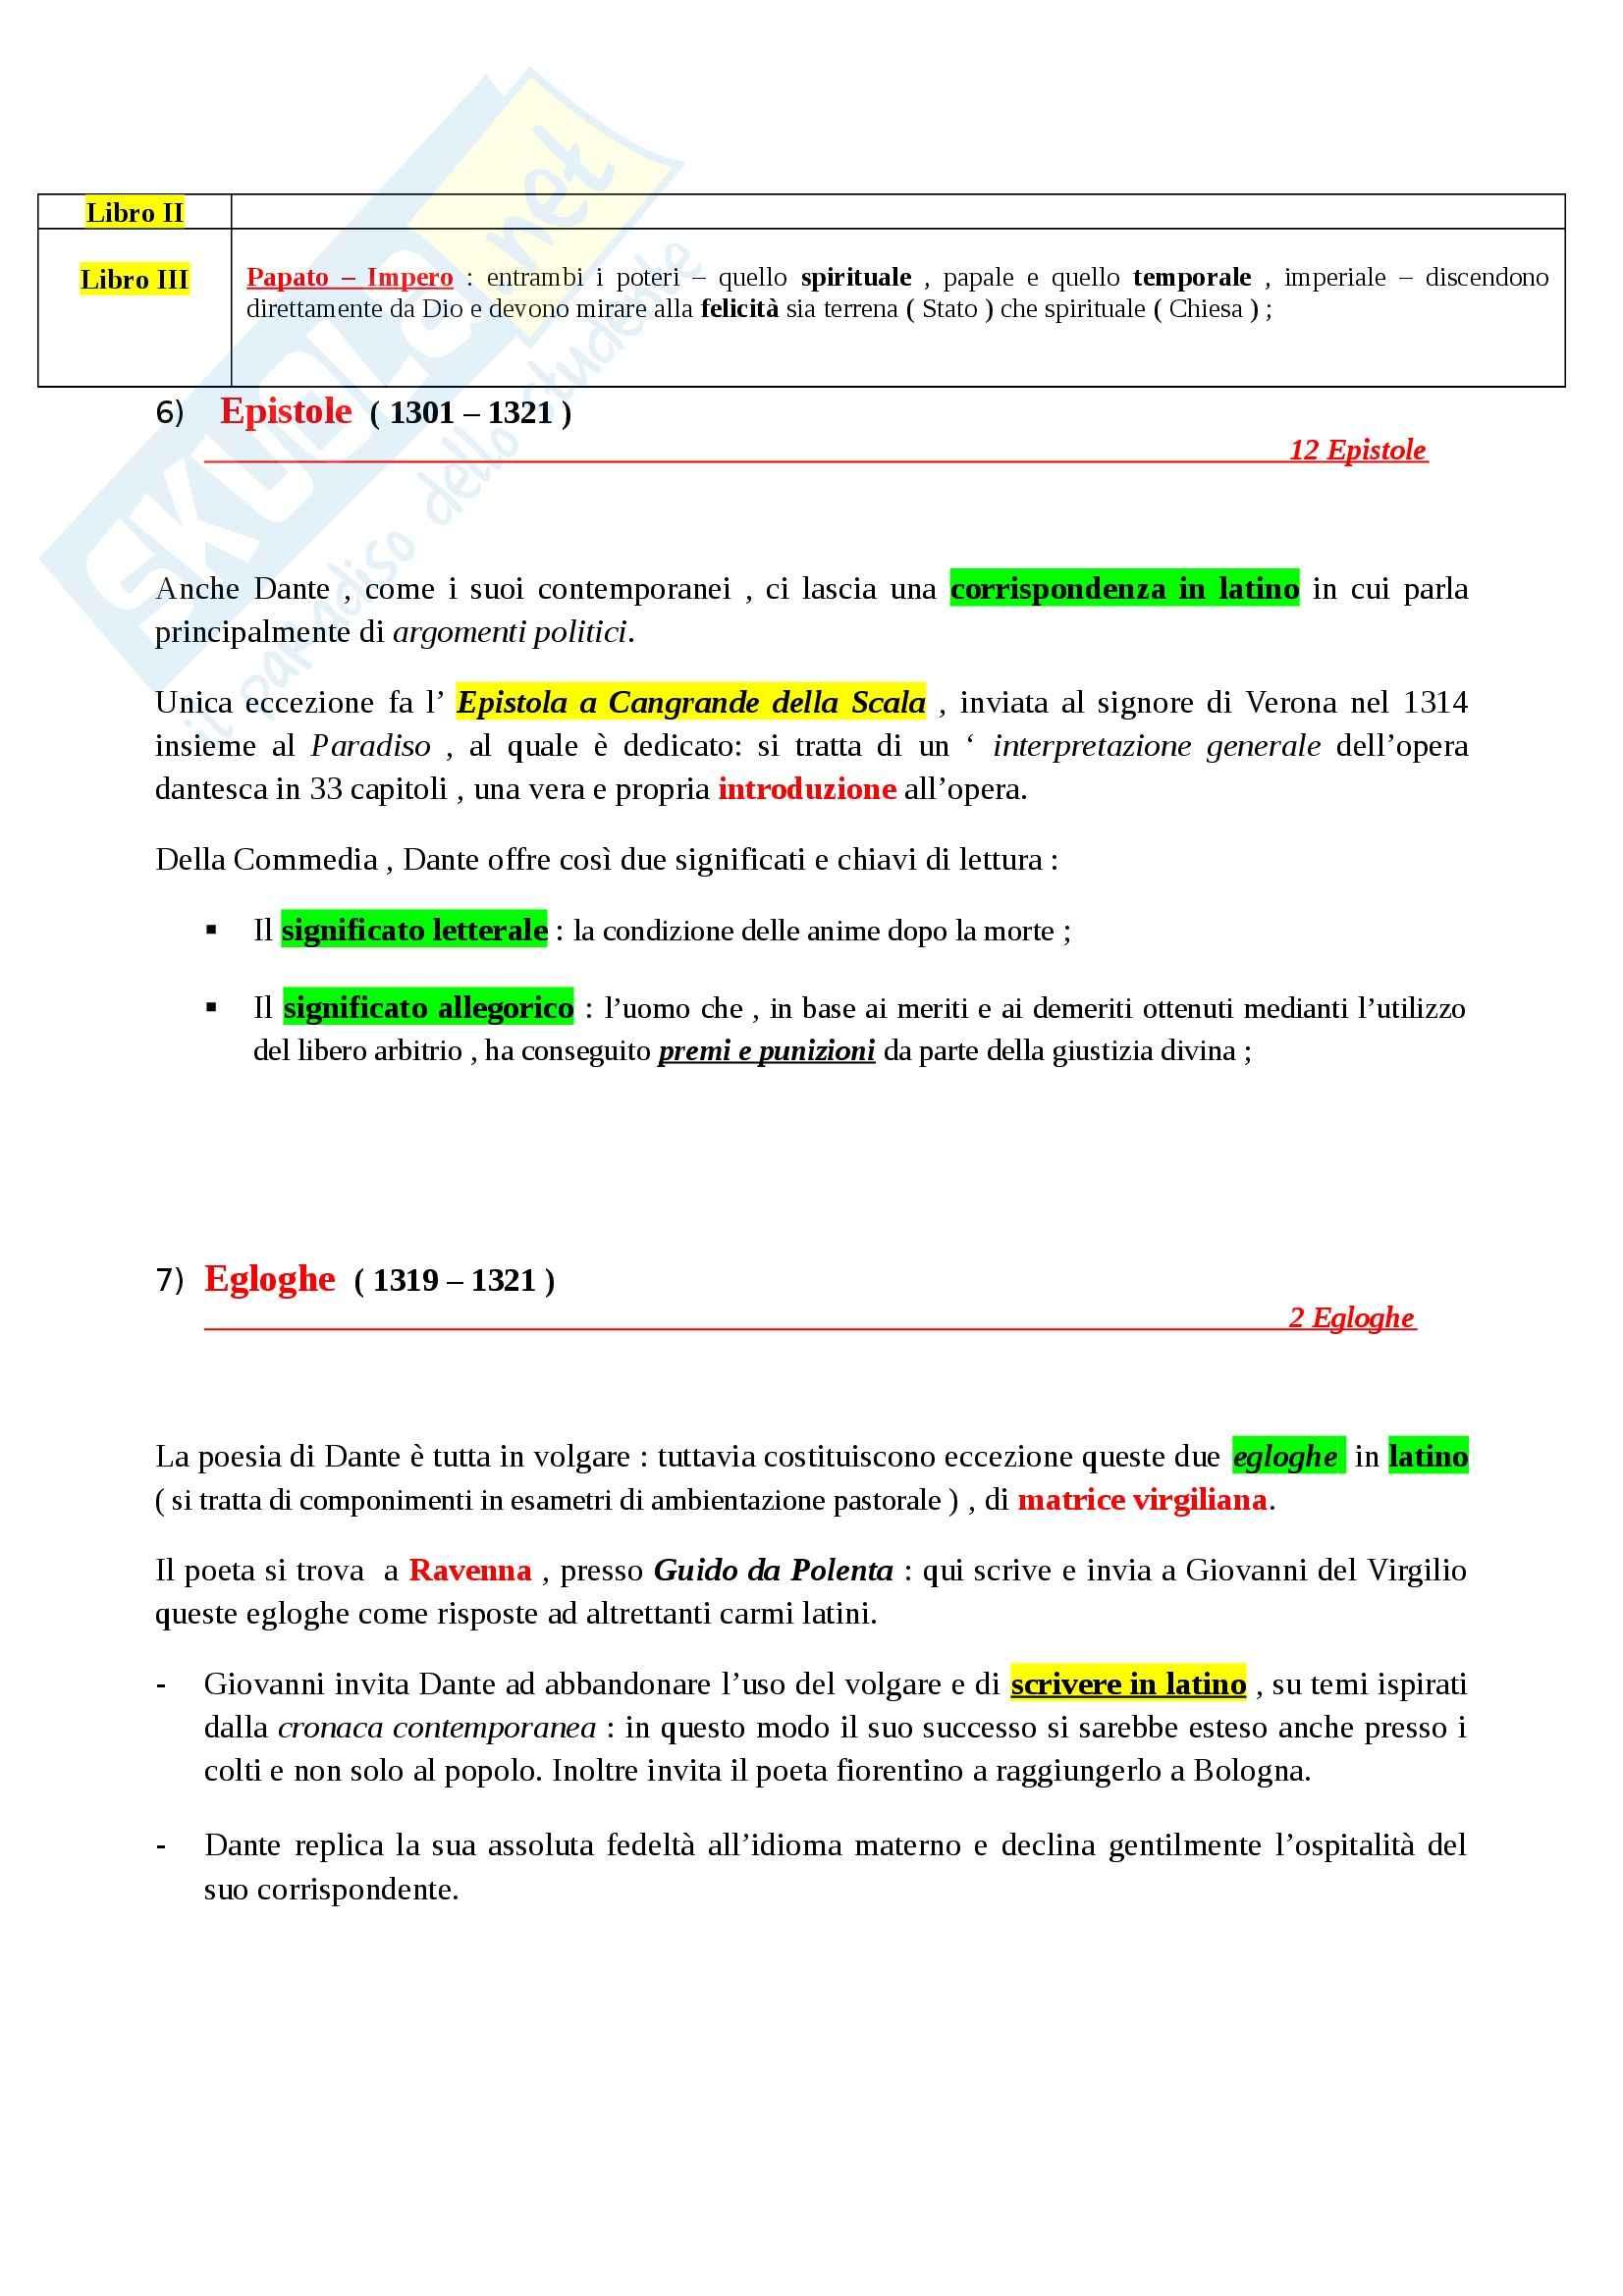 Riassunto esame Letteratura Italiana: La Letteratura Italiana, dalle Origini al Secondo Ottocento, prof. Paolino Pag. 31